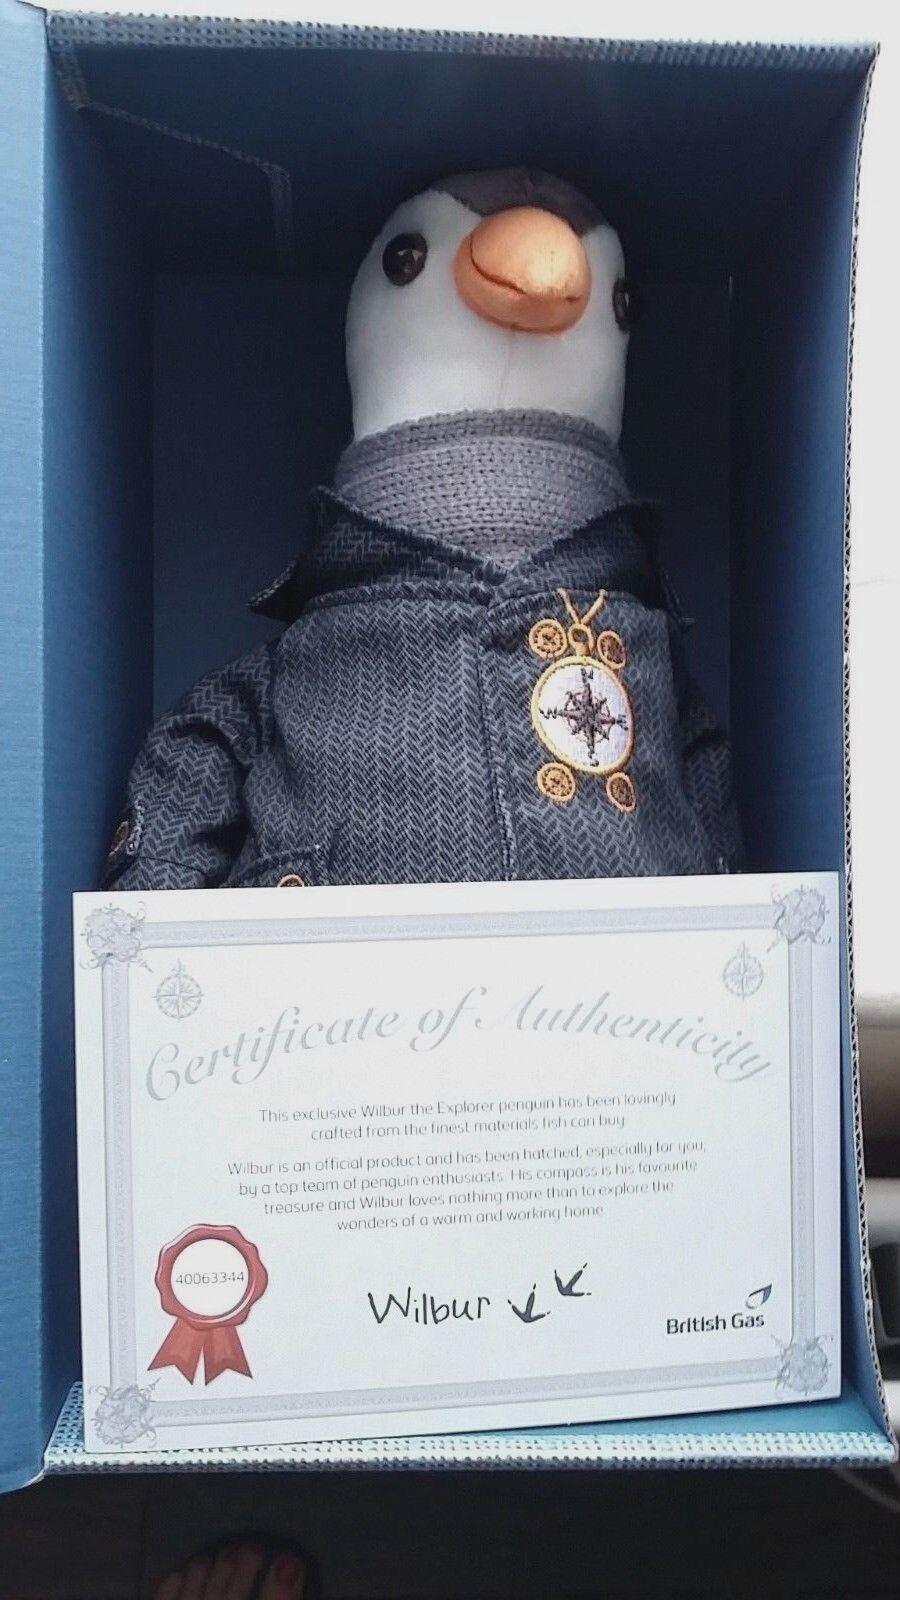 Wilbur il British GAS, Pinguino giocattolo morbido, nella casella Nuovo di zecca con certificato